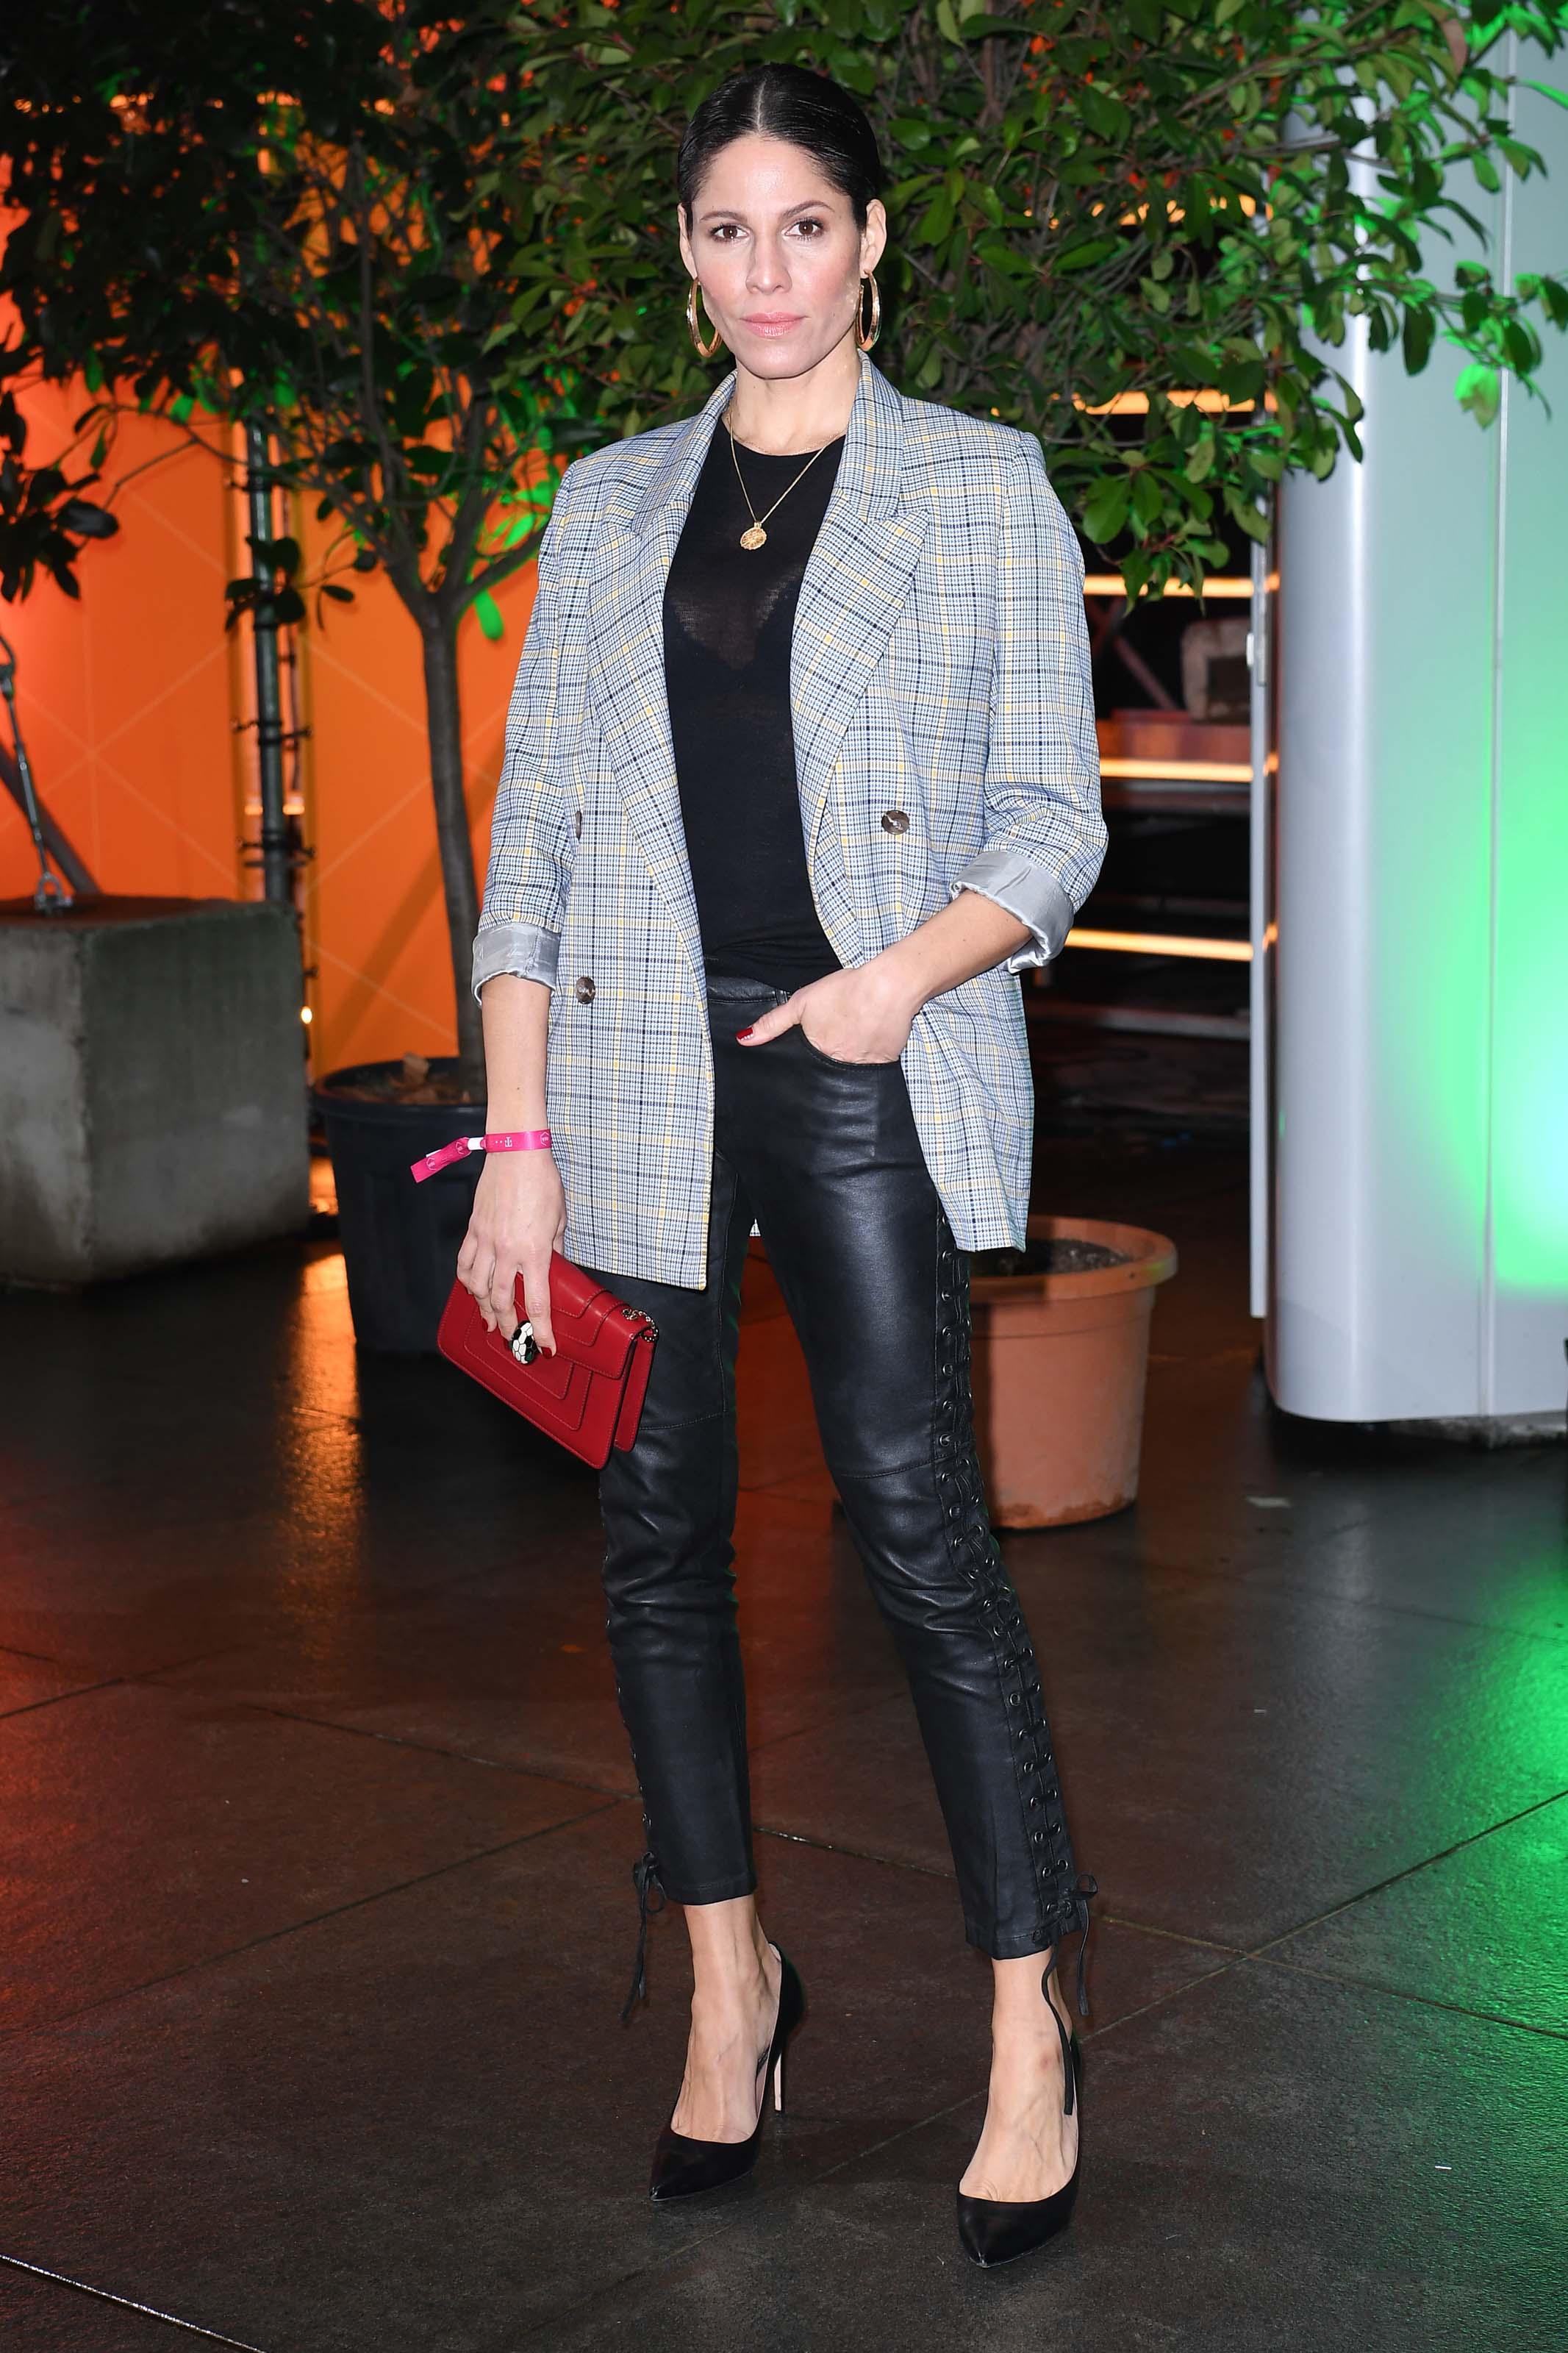 Jasmin Gerat attends International Music Awards